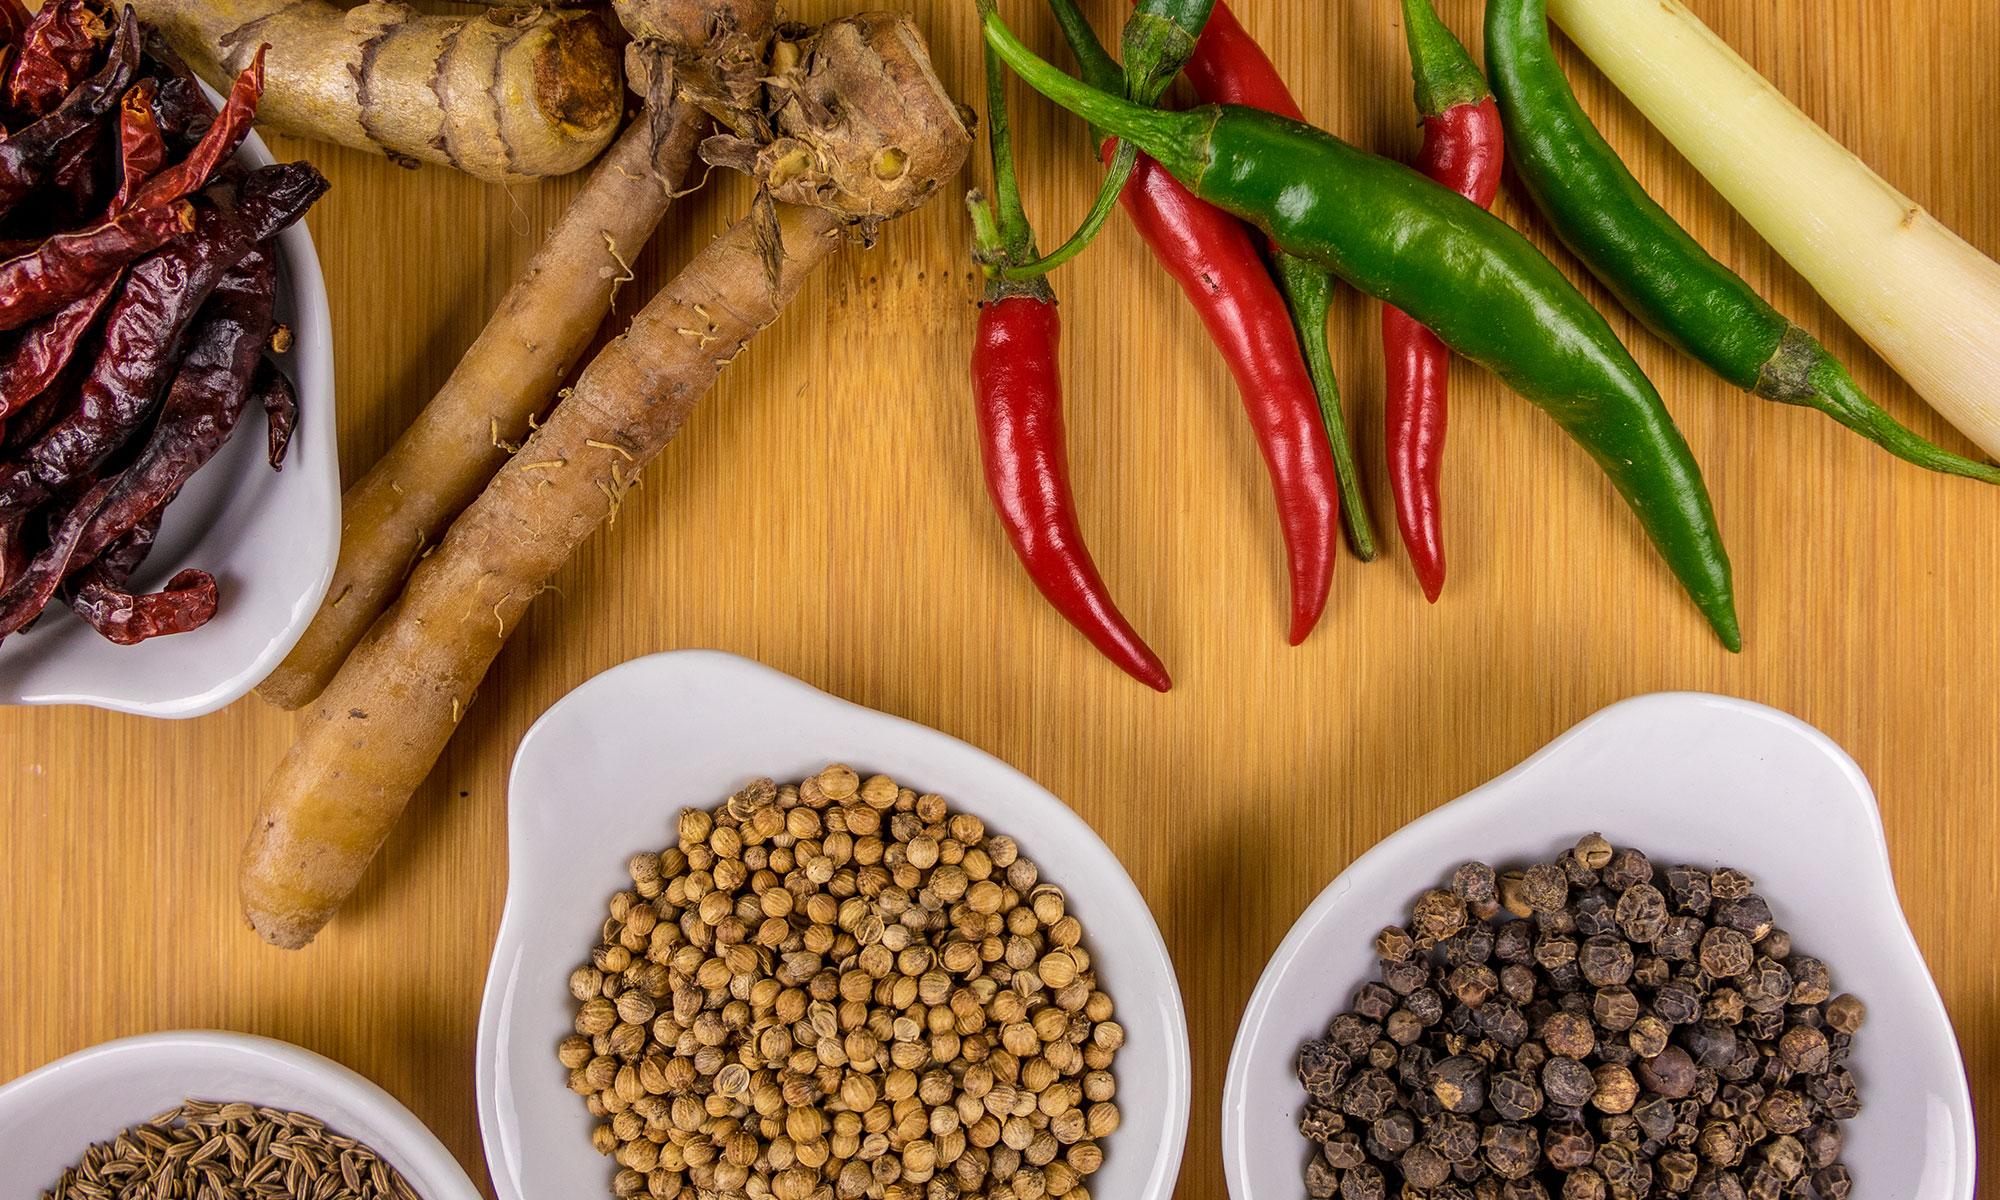 Bild mit Gewürzen und Zutaten für thailändisches Essen